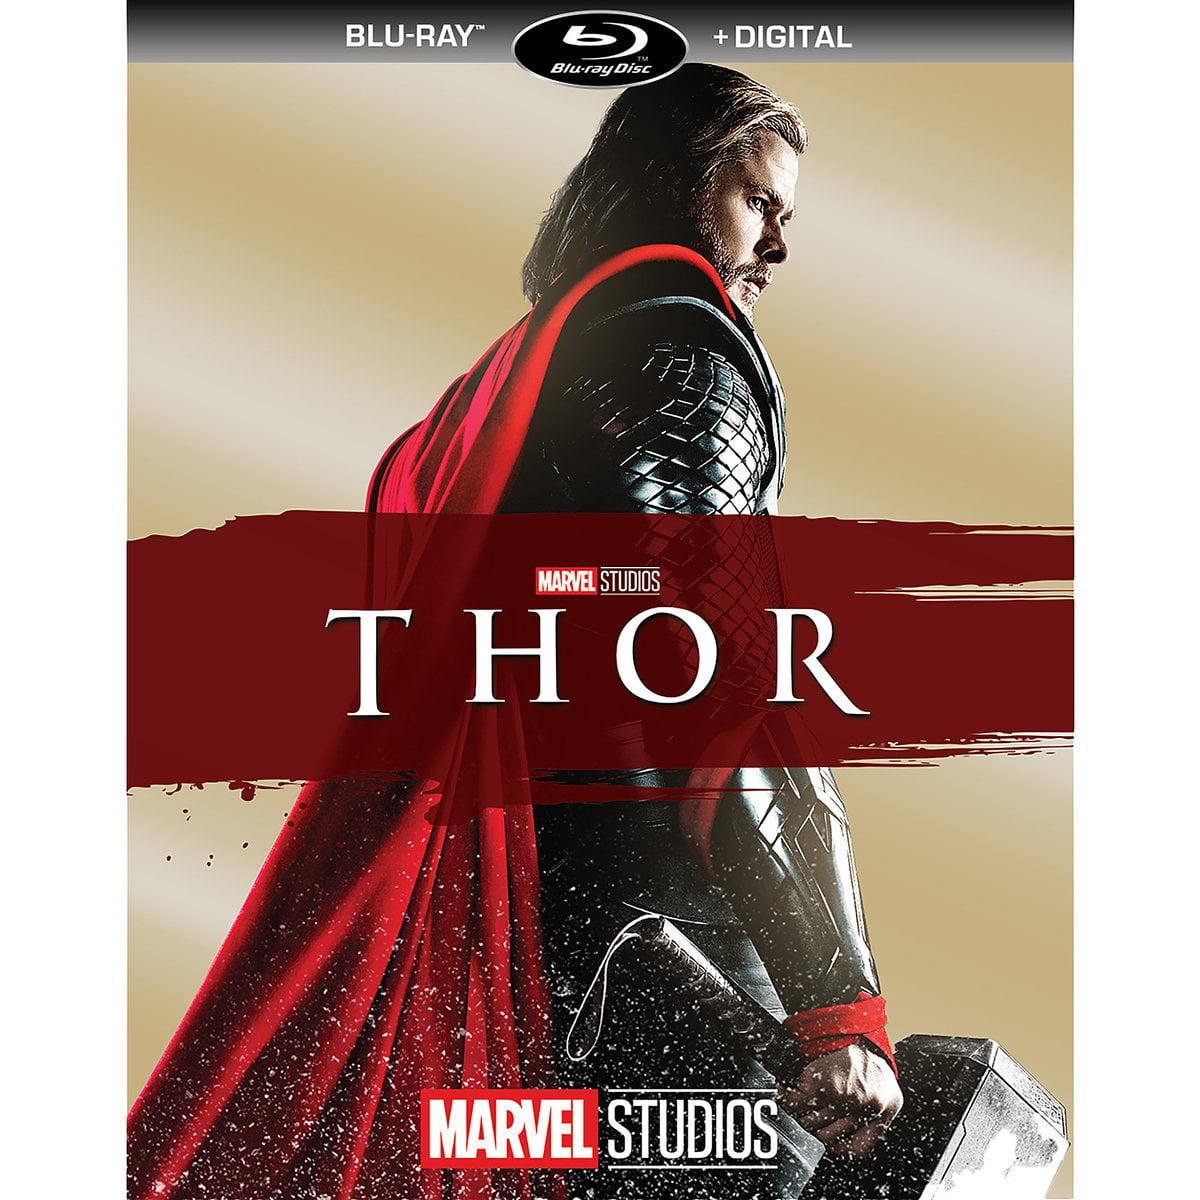 Thor (Blu-ray + Digital)